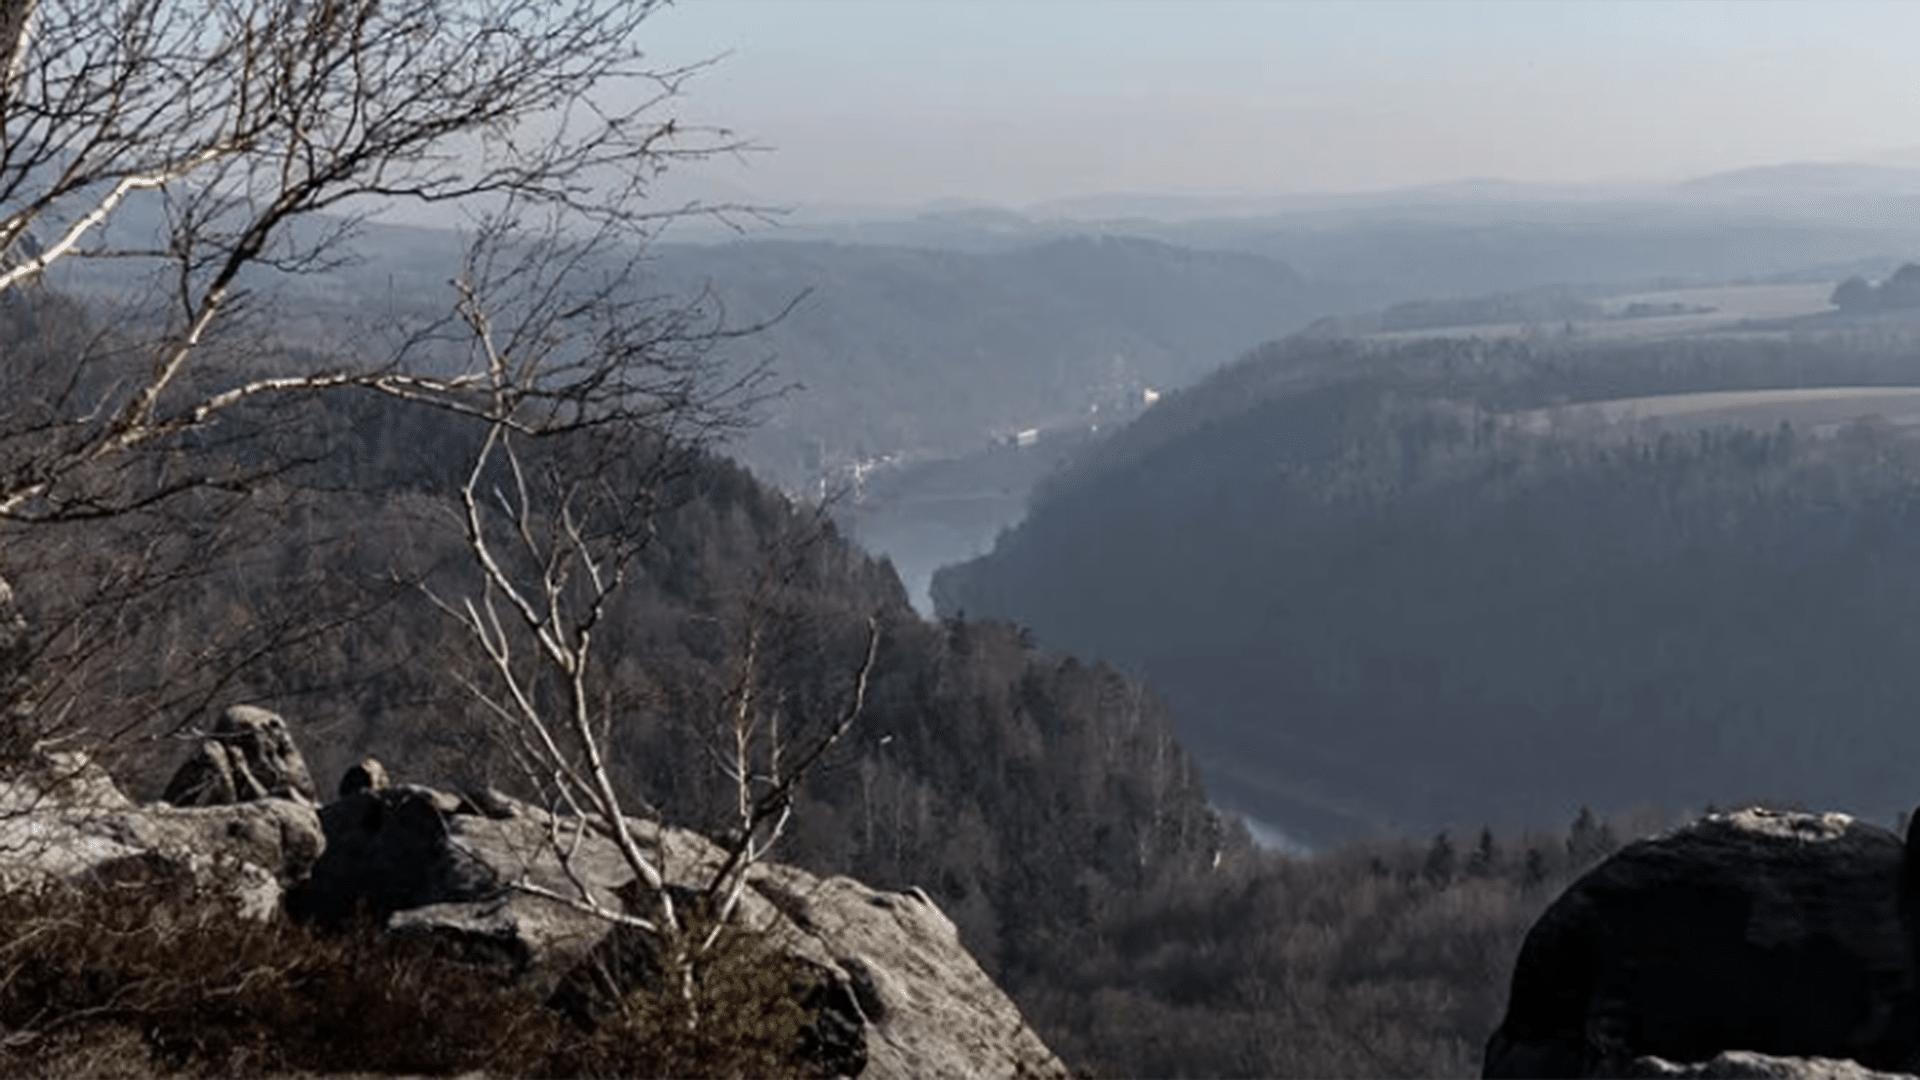 Sächsische-Schweiz_1920x1080